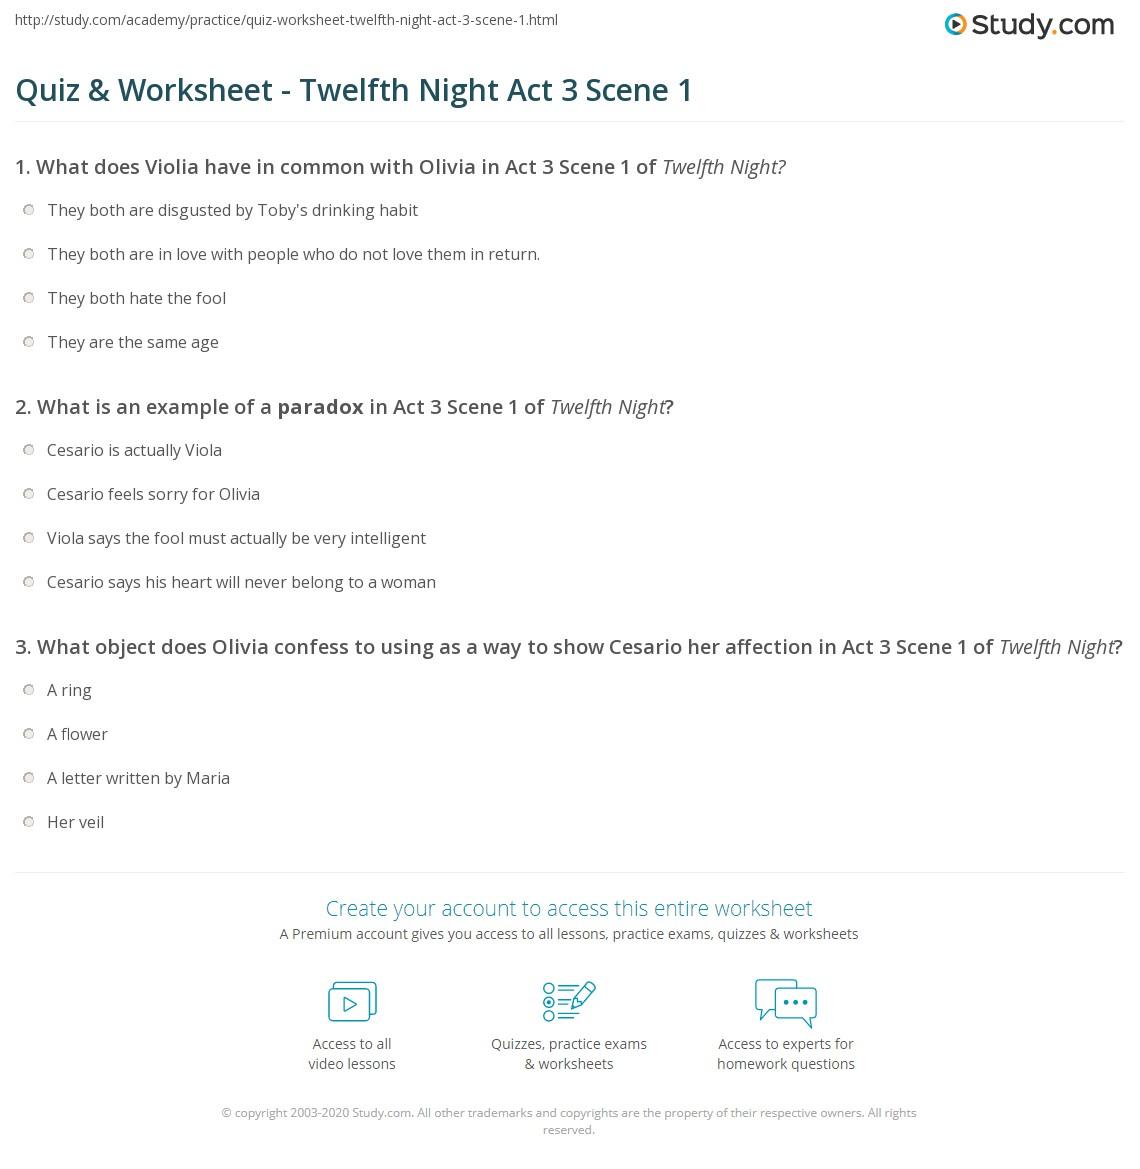 quiz worksheet twelfth night act scene com print twelfth night act 3 scene 1 summary analysis worksheet